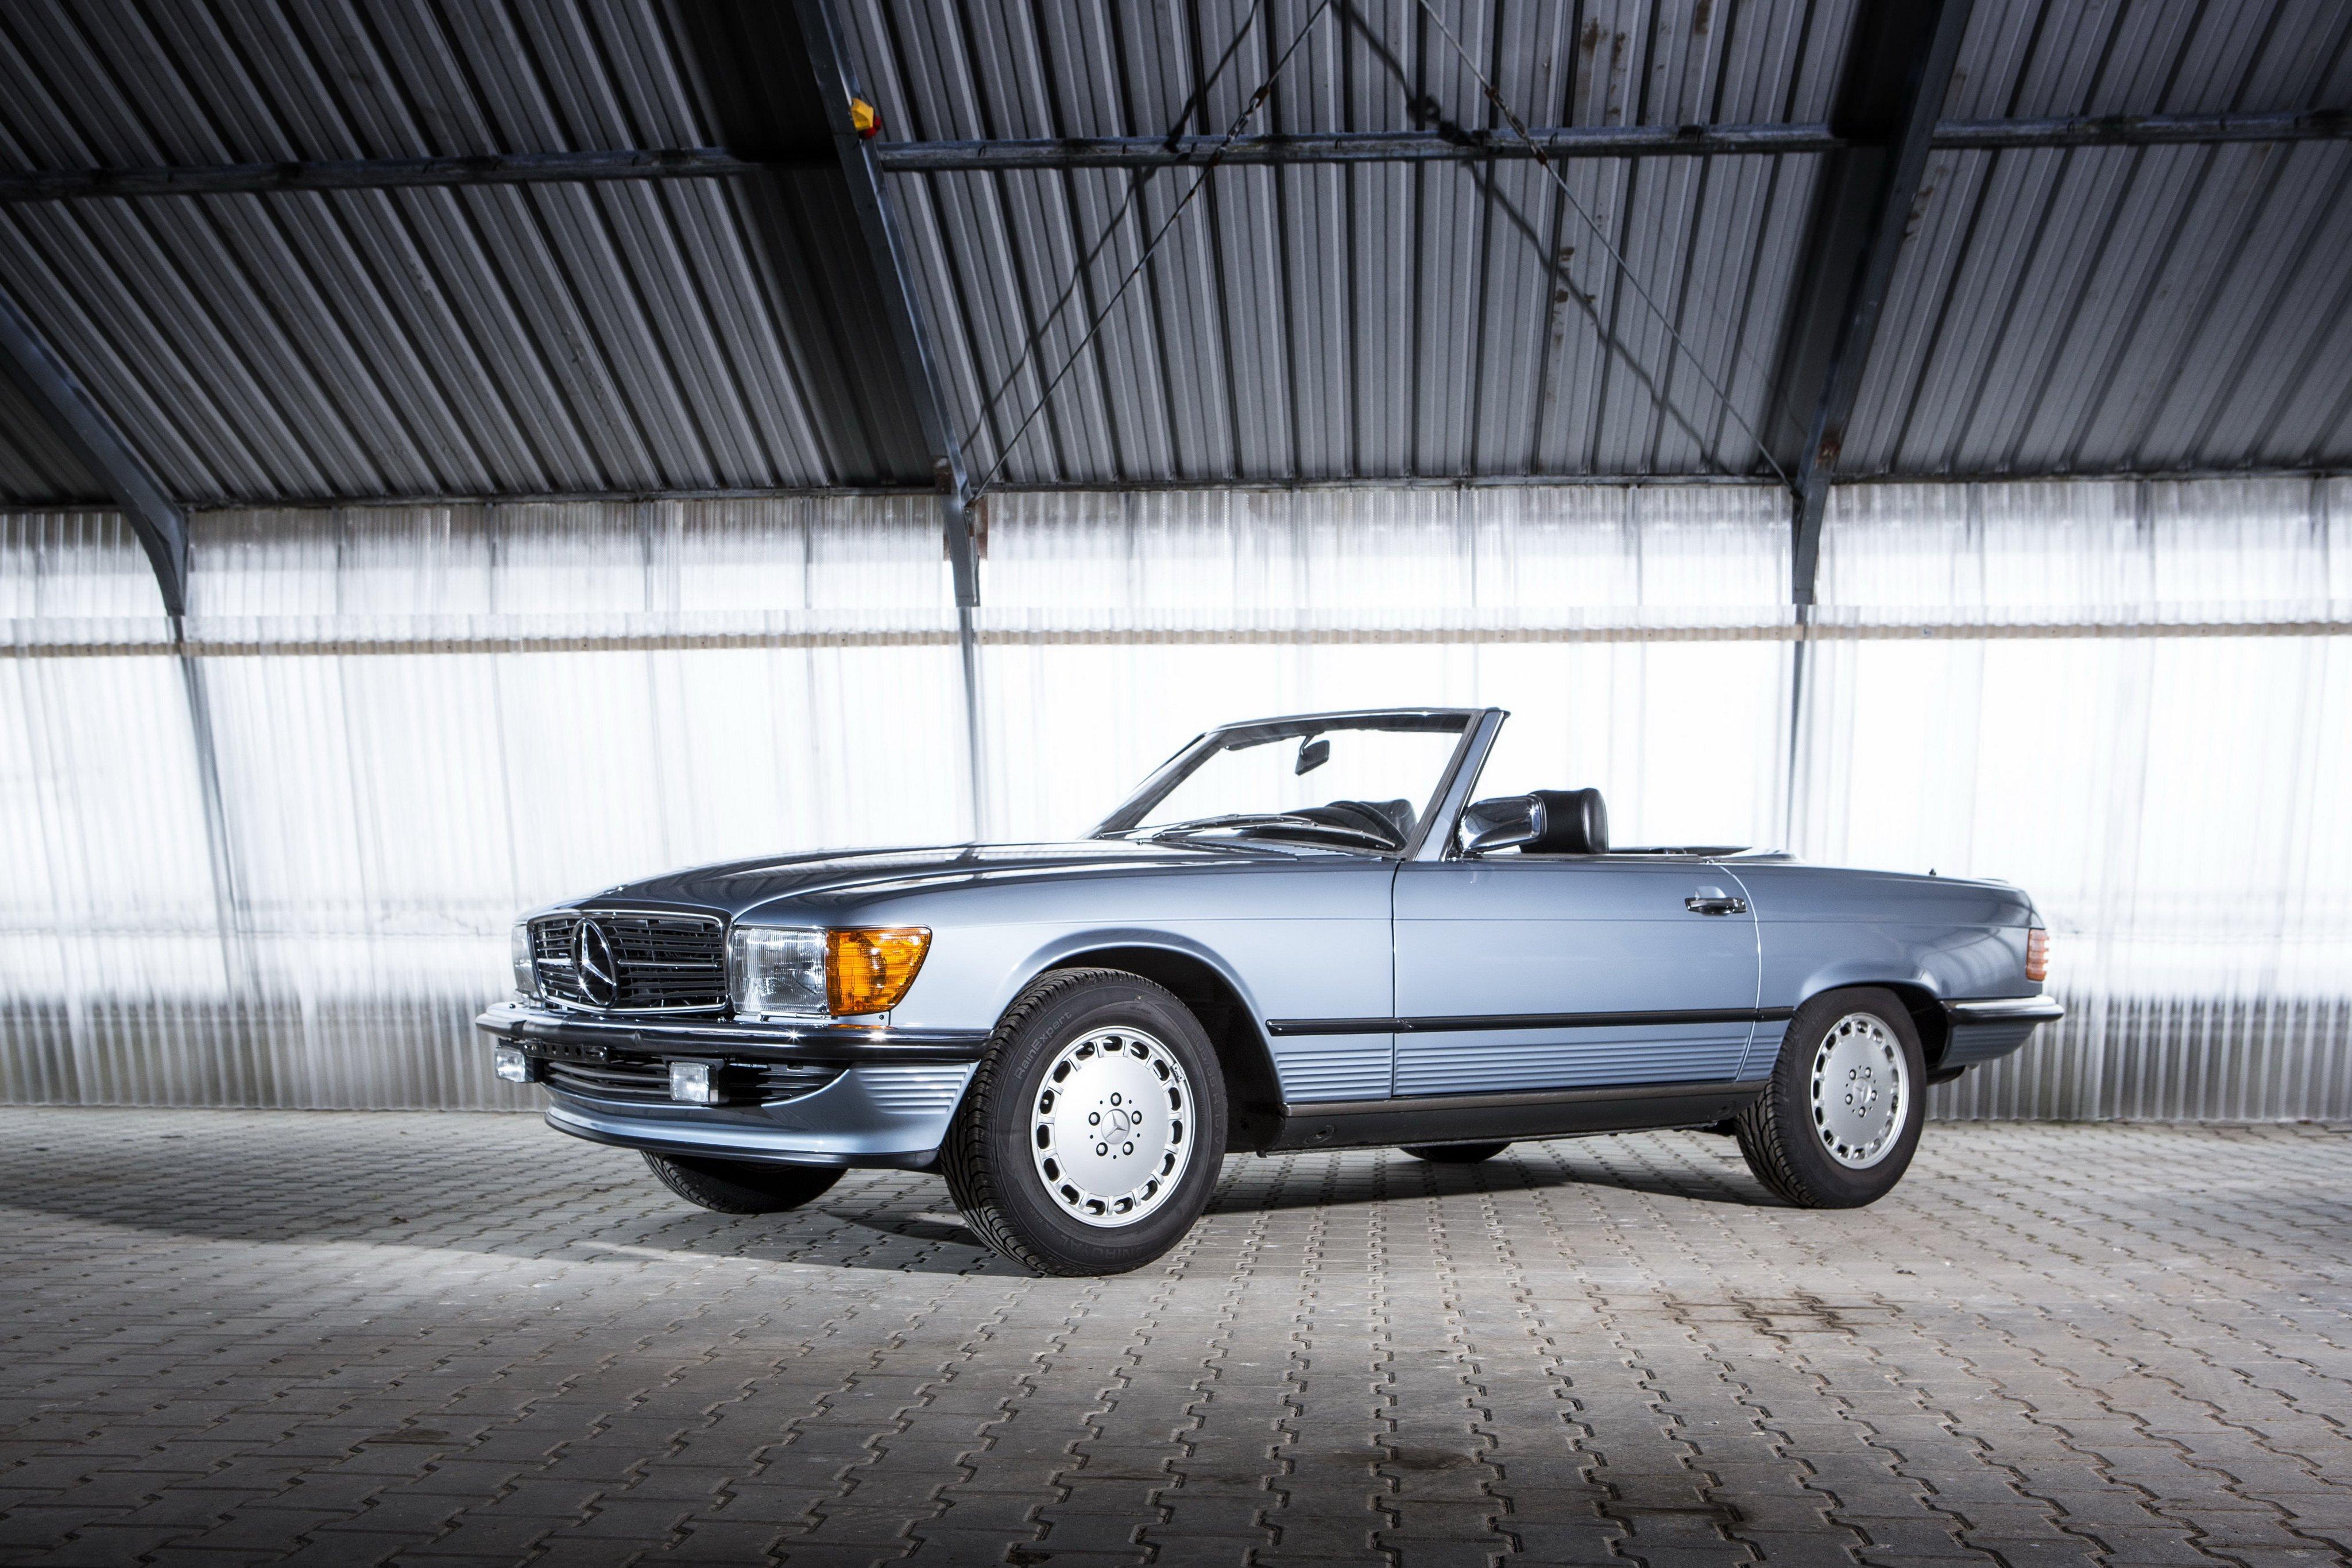 Mercedes Benz 500 S L R107 cars convertible wallpaper ...